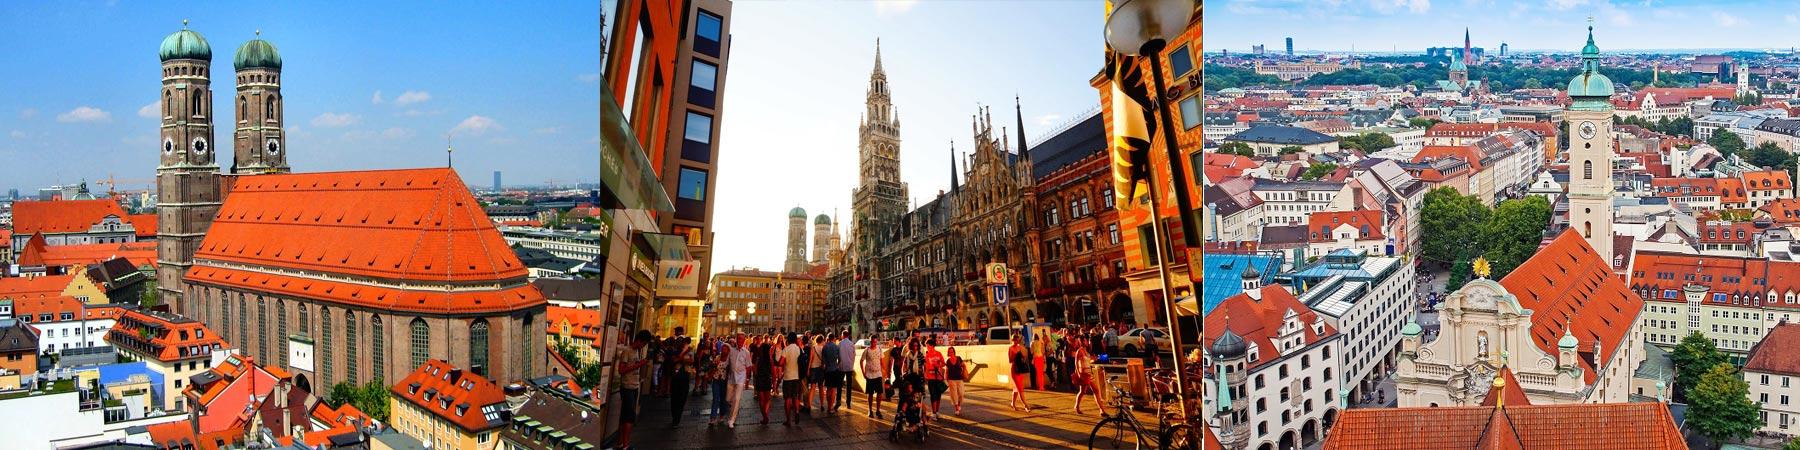 Экскурсии по Германии1